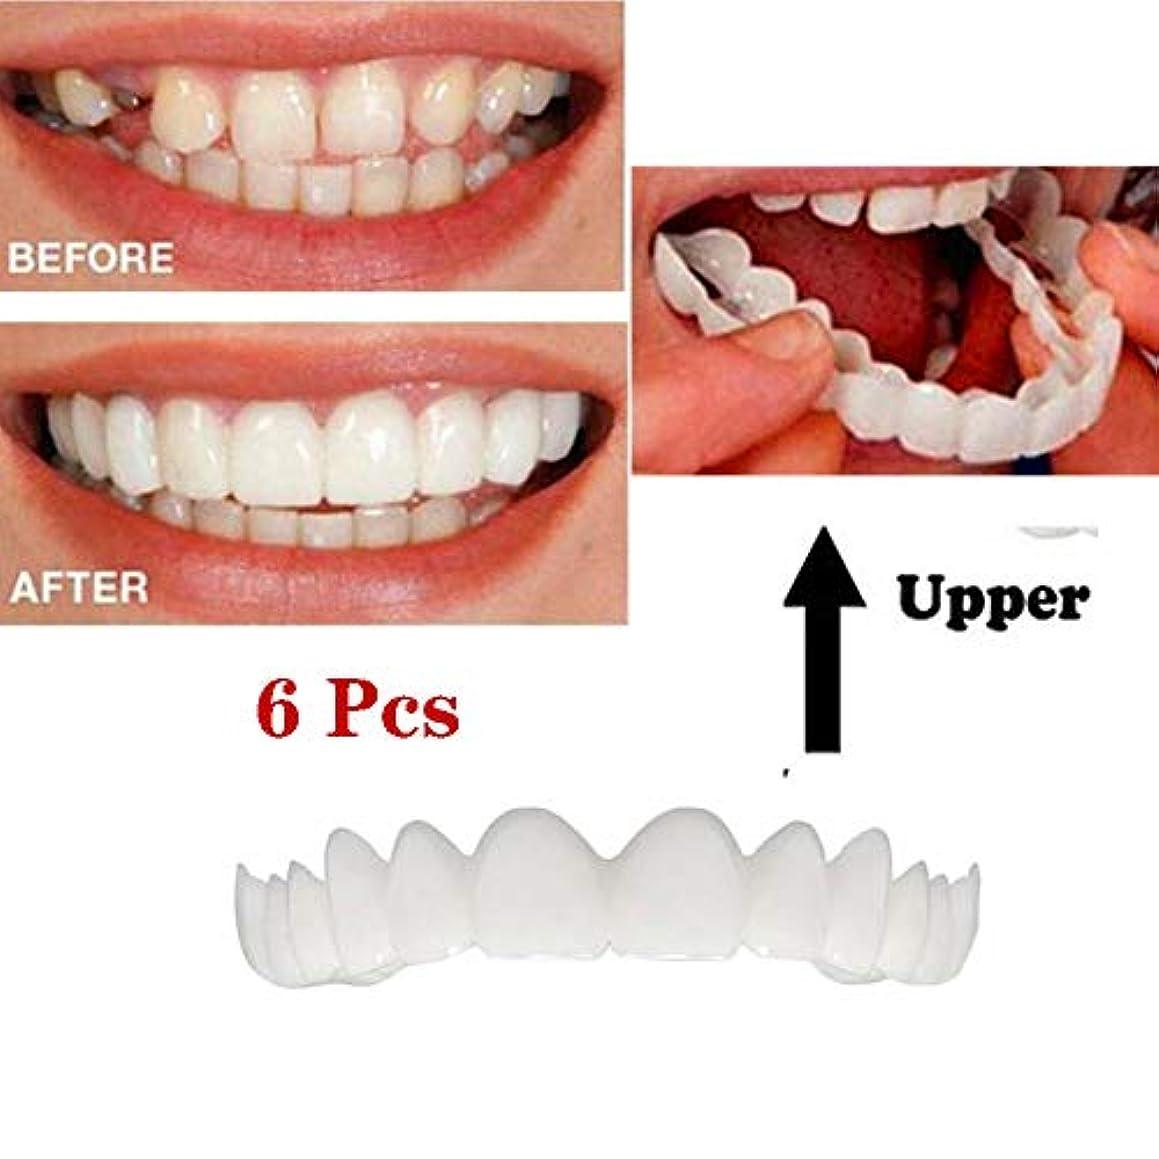 靴拘束する状態義歯口腔ケア歯ホワイトニング義歯口腔ケアアッパーブレース一時的な化粧品歯義歯 - 6本